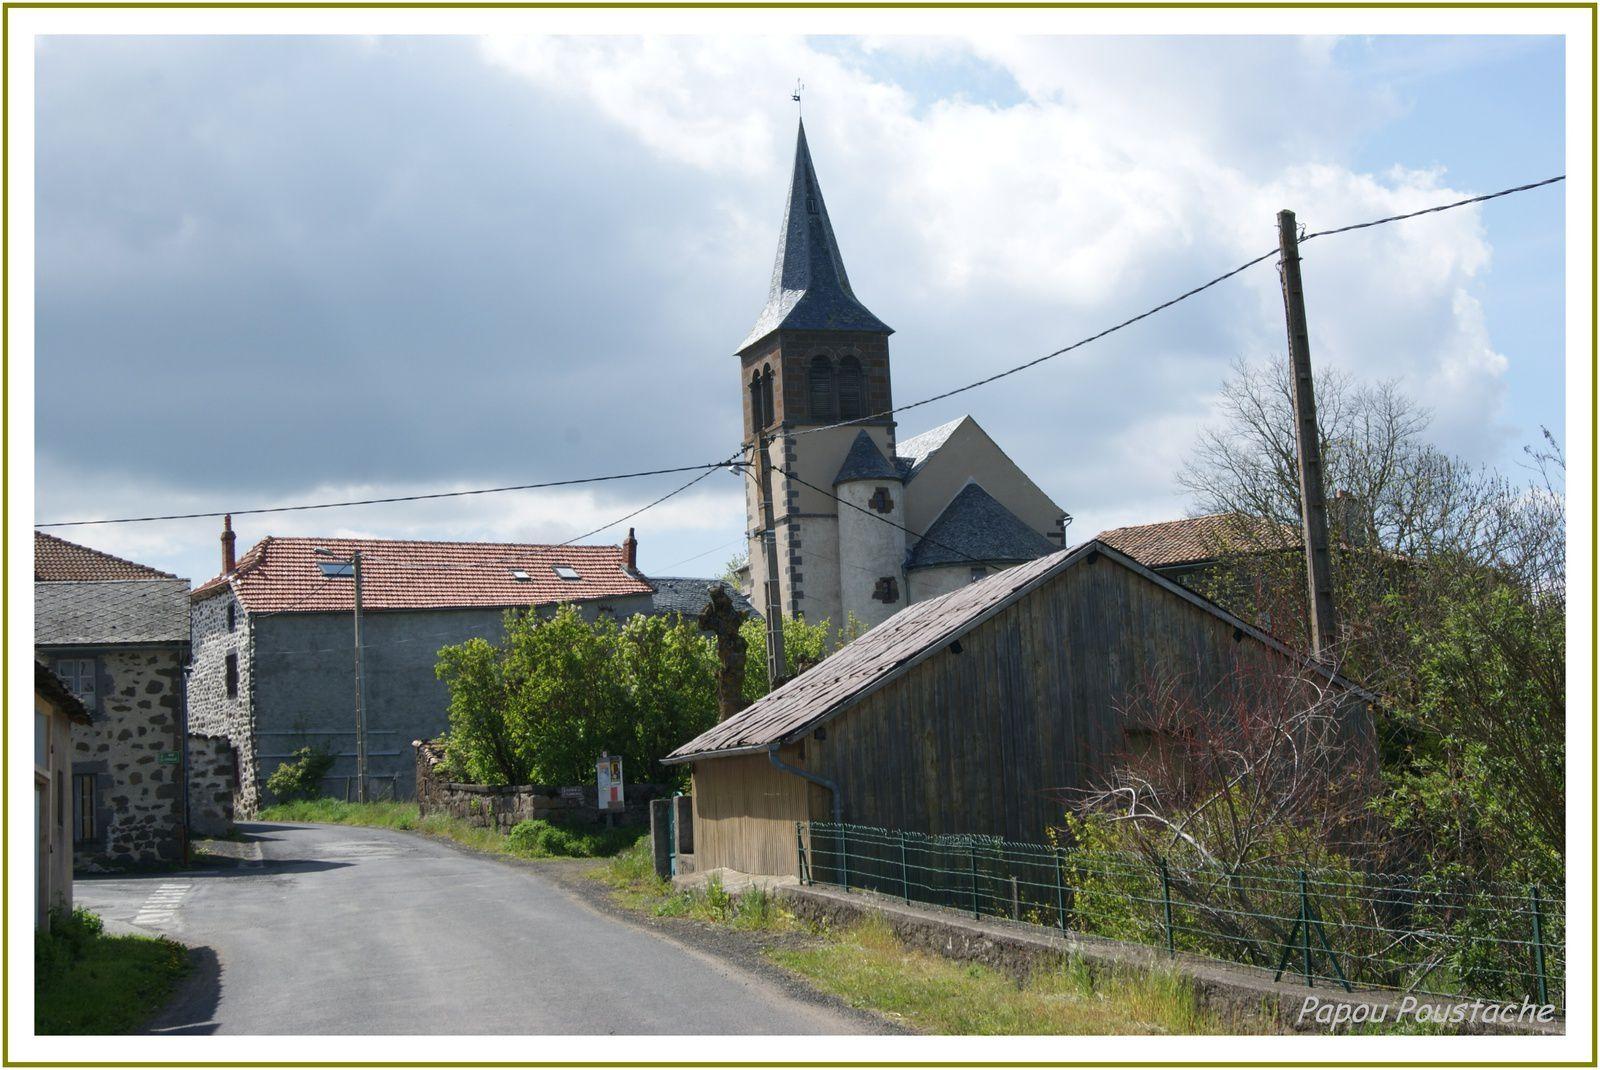 Les villages du Cantal: Coren les eaux